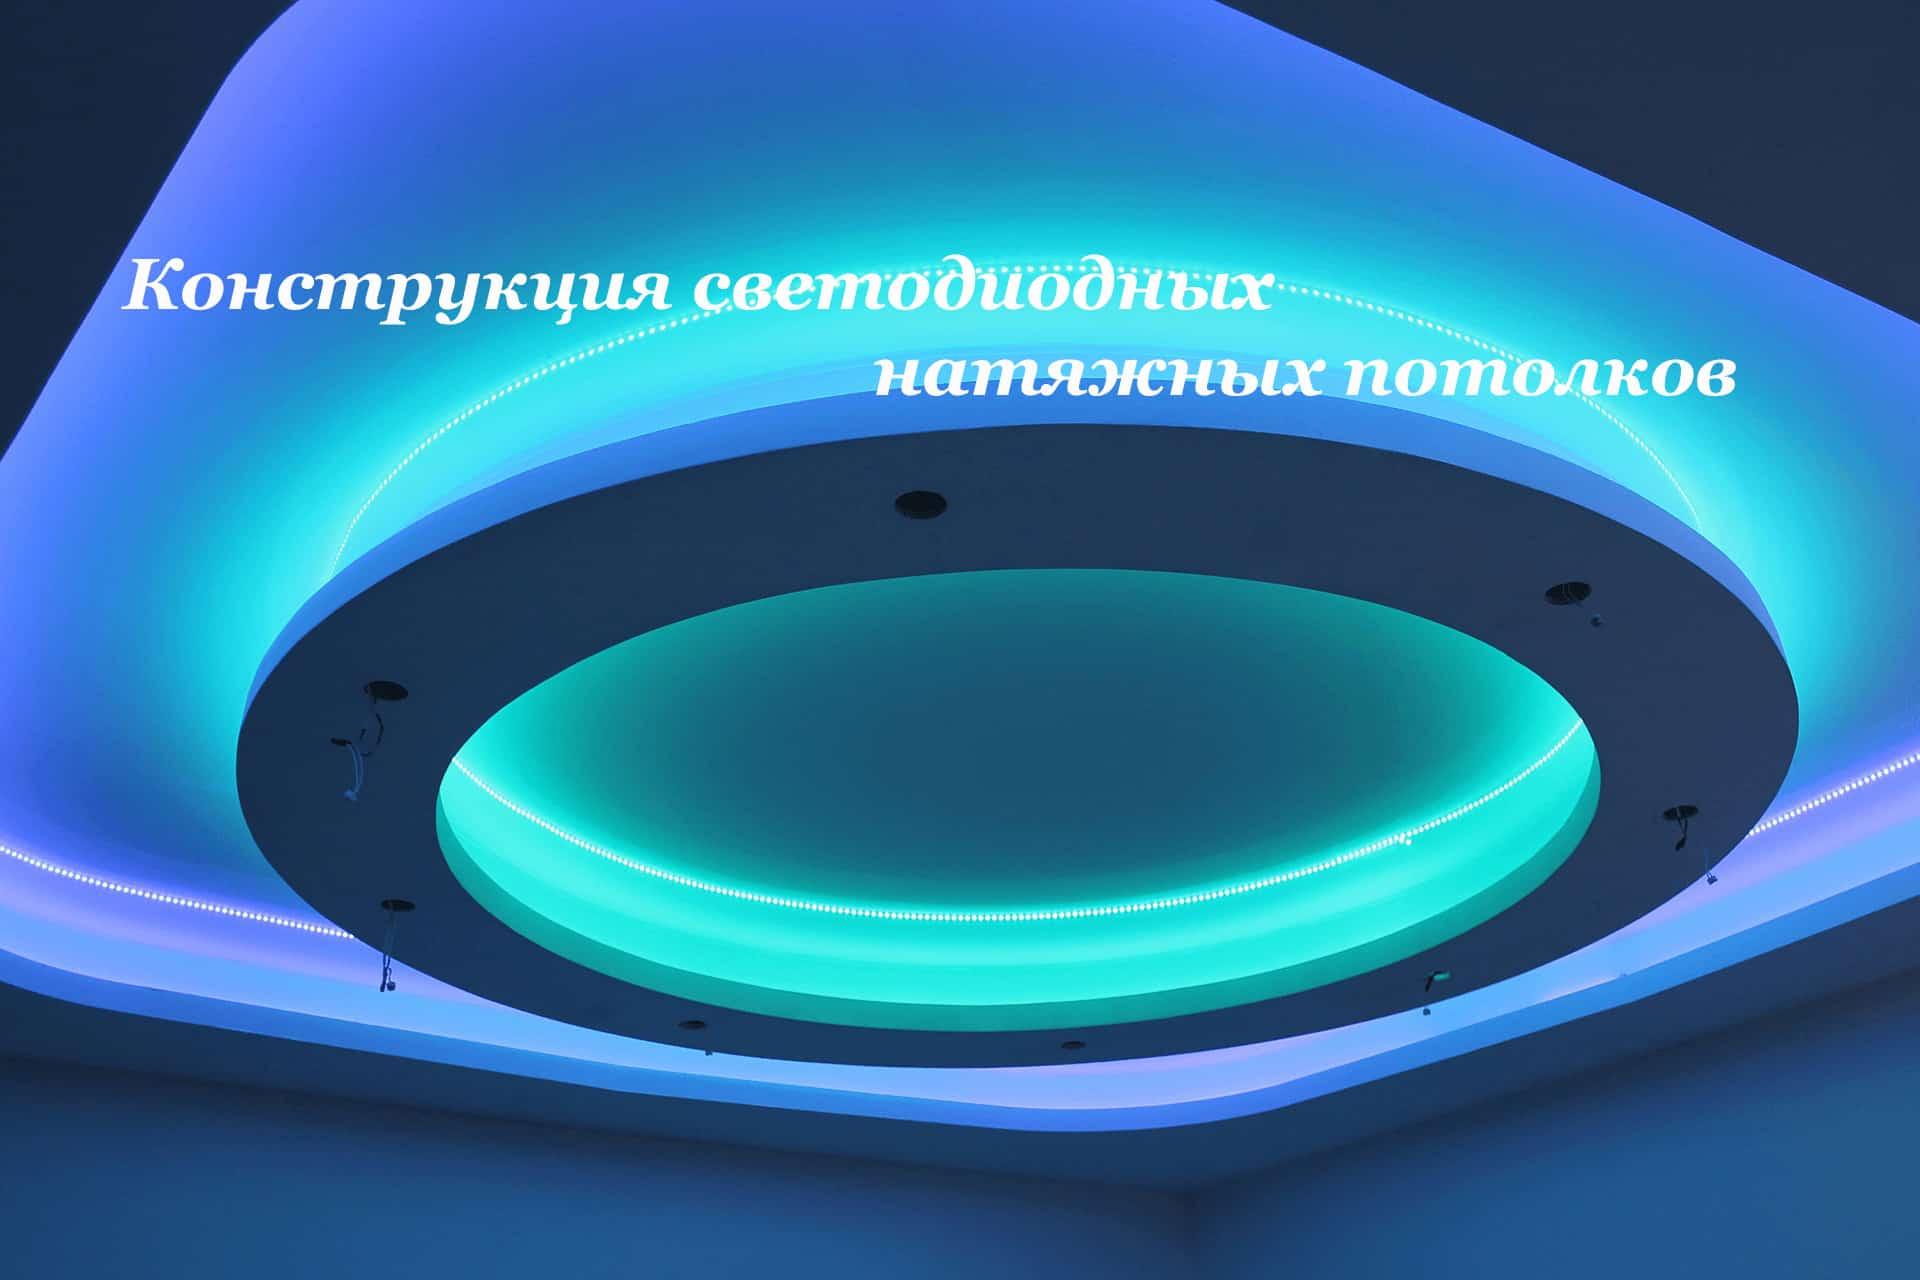 Конструкция светодиодных натяжных потолков